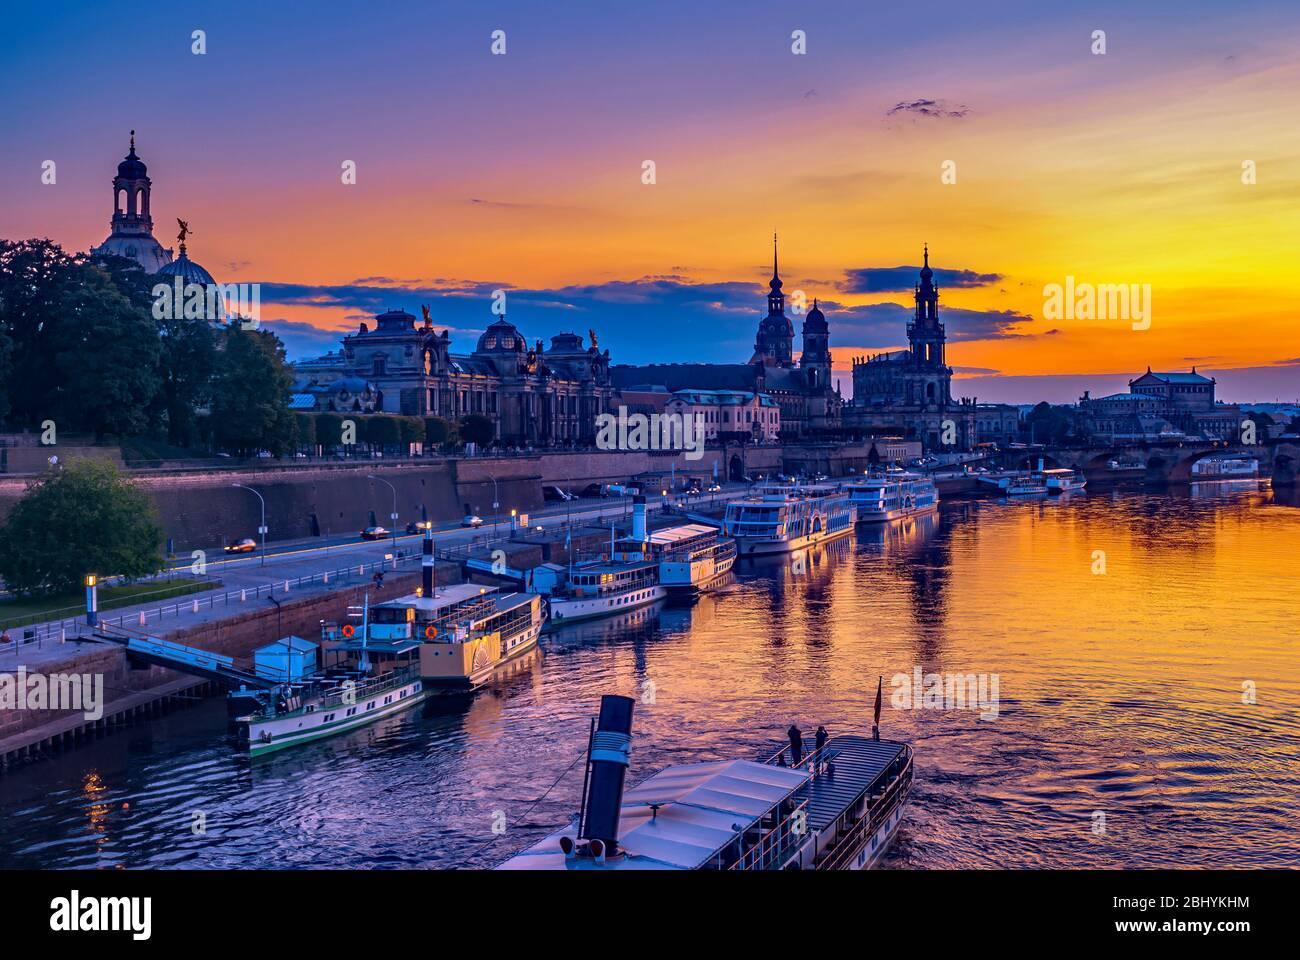 Dresden, Sachsen, Deutschland - Historische Sicht auf die Skyline der Altstadt bei Sonnenuntergang. Dresden, Sachsen, Deutschland - Historisches Altstadtpanorama bei Sonne Stockfoto